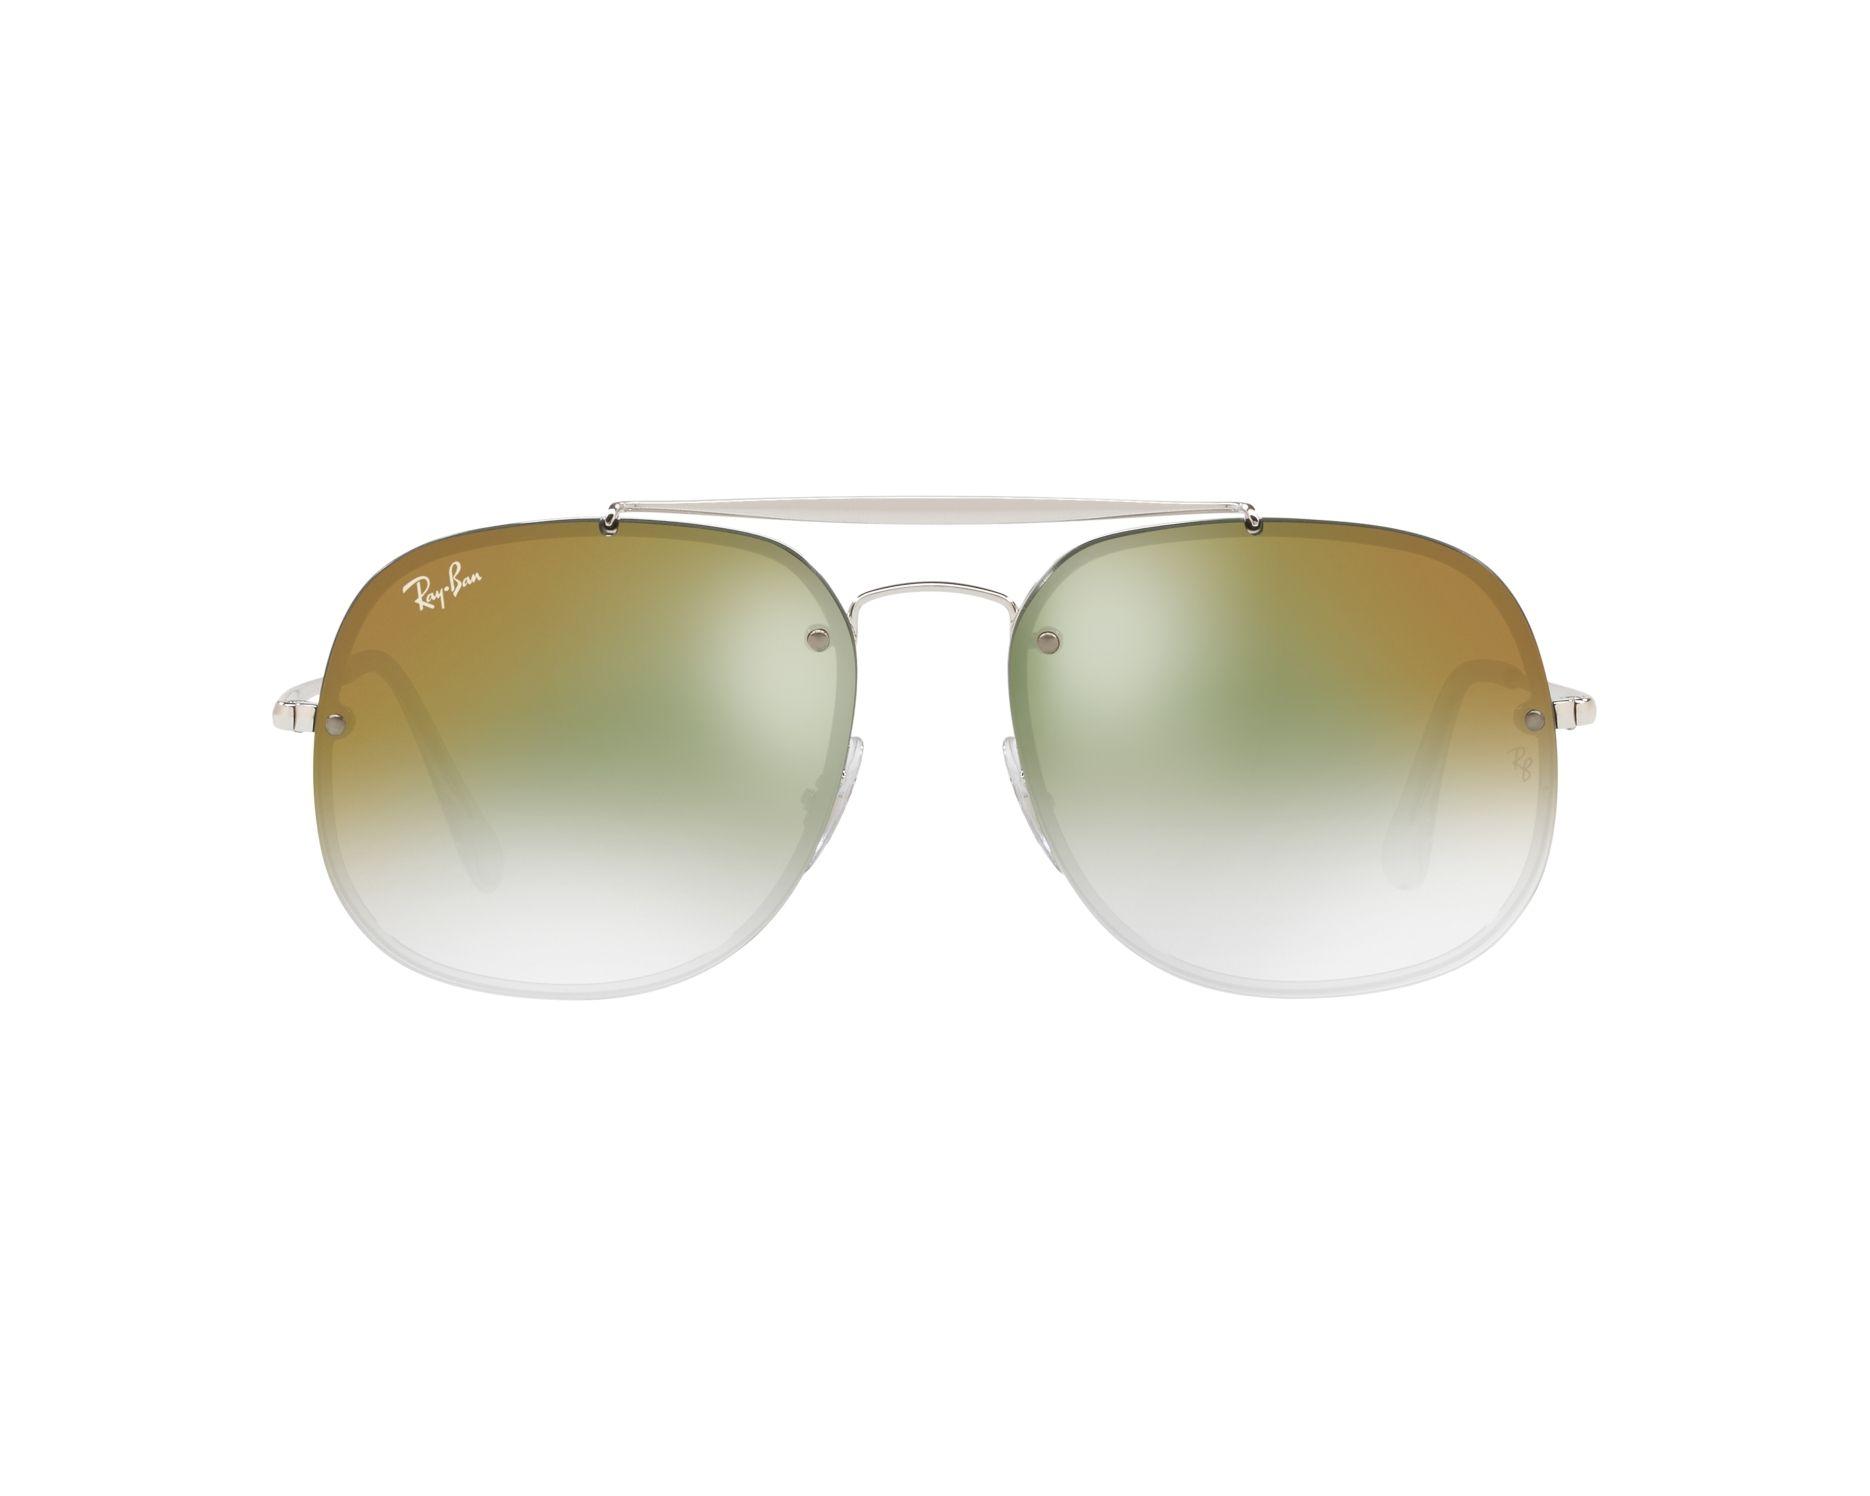 RAY BAN RAY-BAN Sonnenbrille » RB3583N«, grau, 004/13 - grau/braun